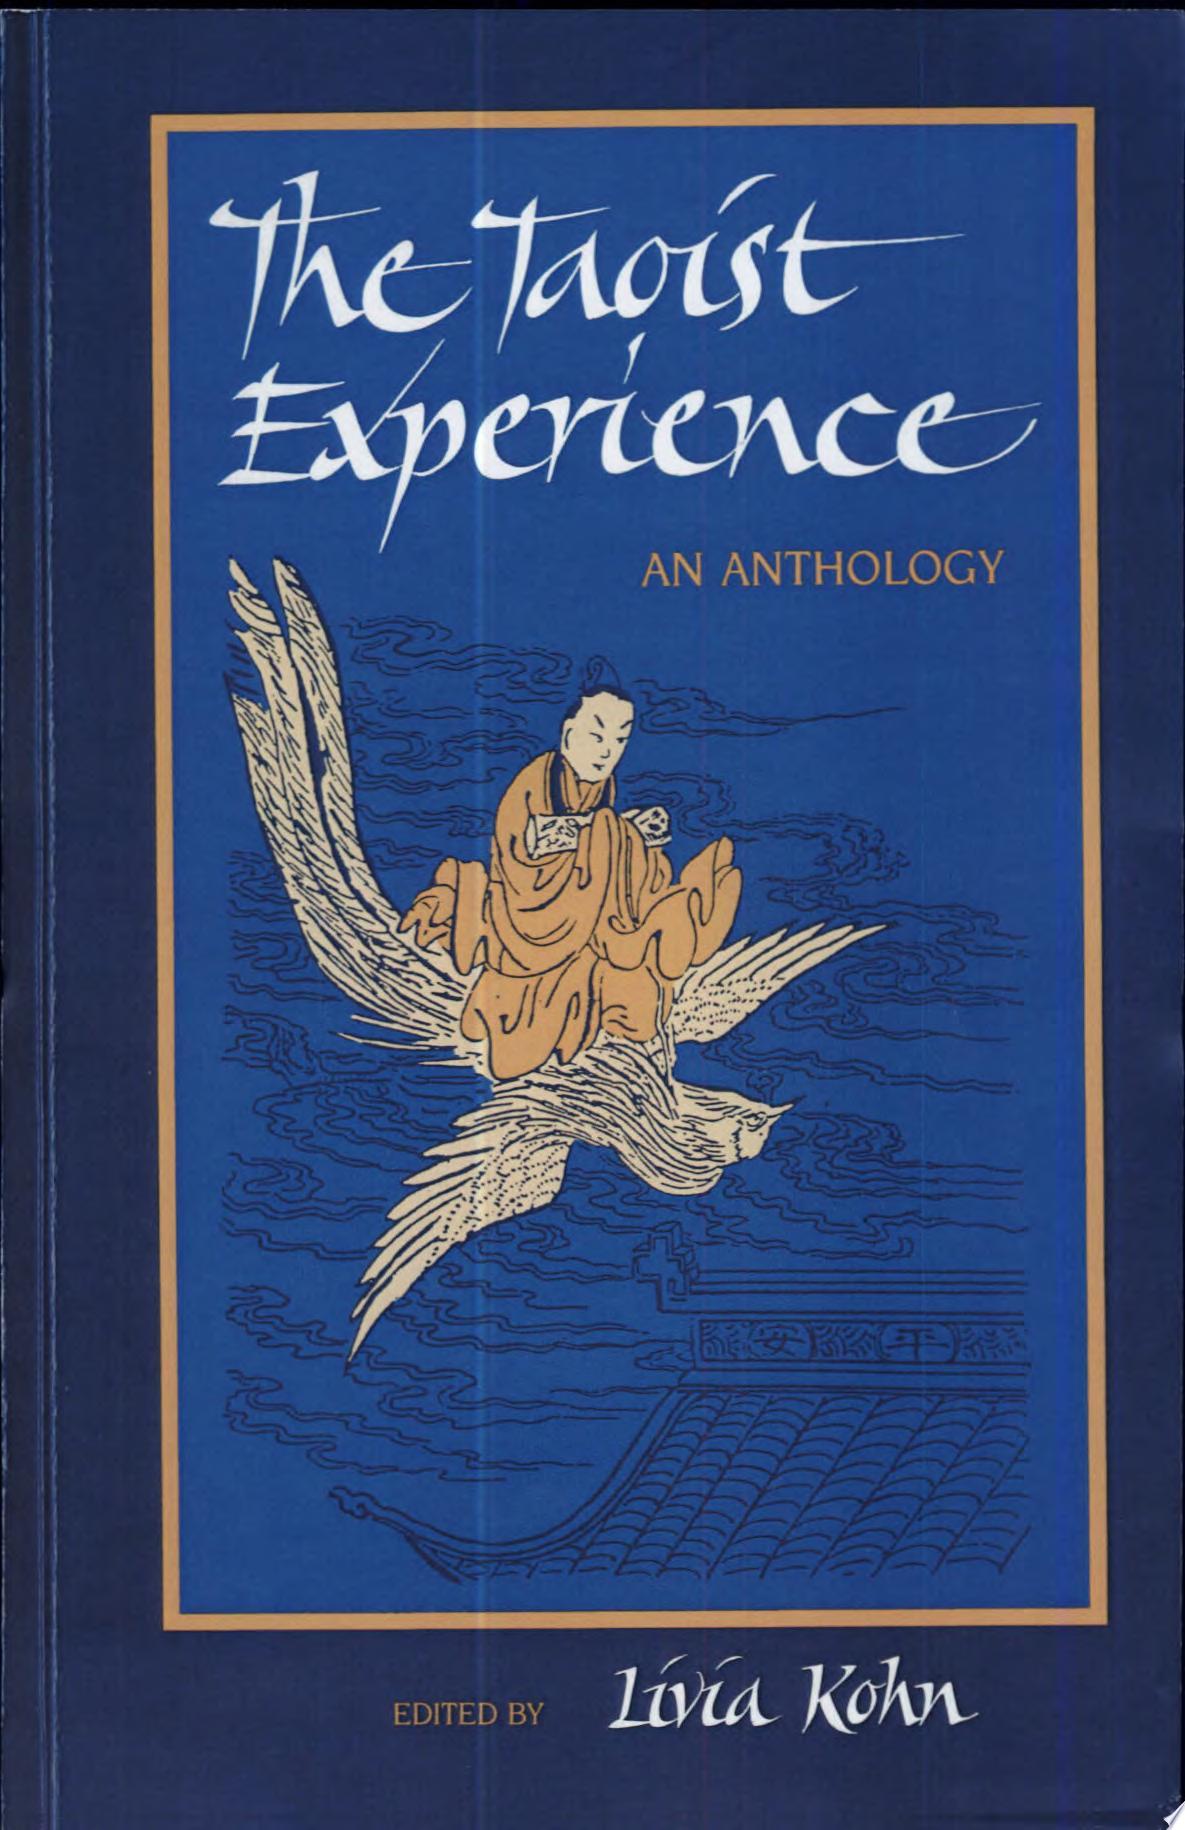 The Taoist Experience